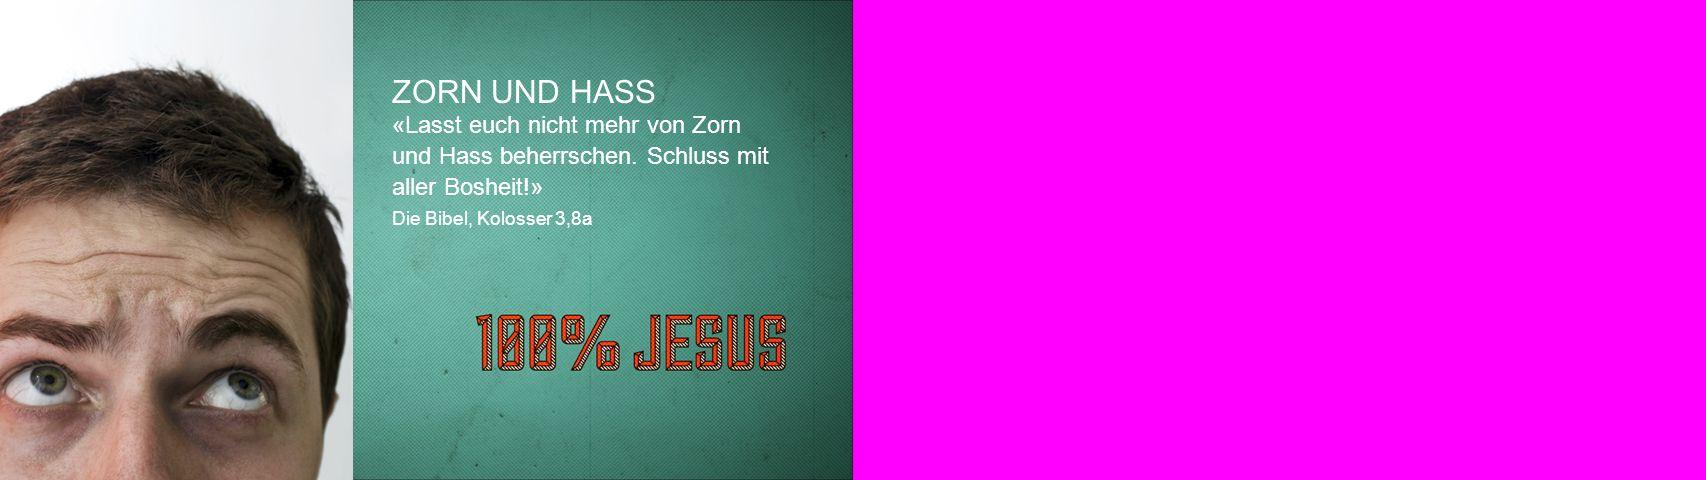 ZORN UND HASS «Lasst euch nicht mehr von Zorn und Hass beherrschen. Schluss mit aller Bosheit!» Die Bibel, Kolosser 3,8a